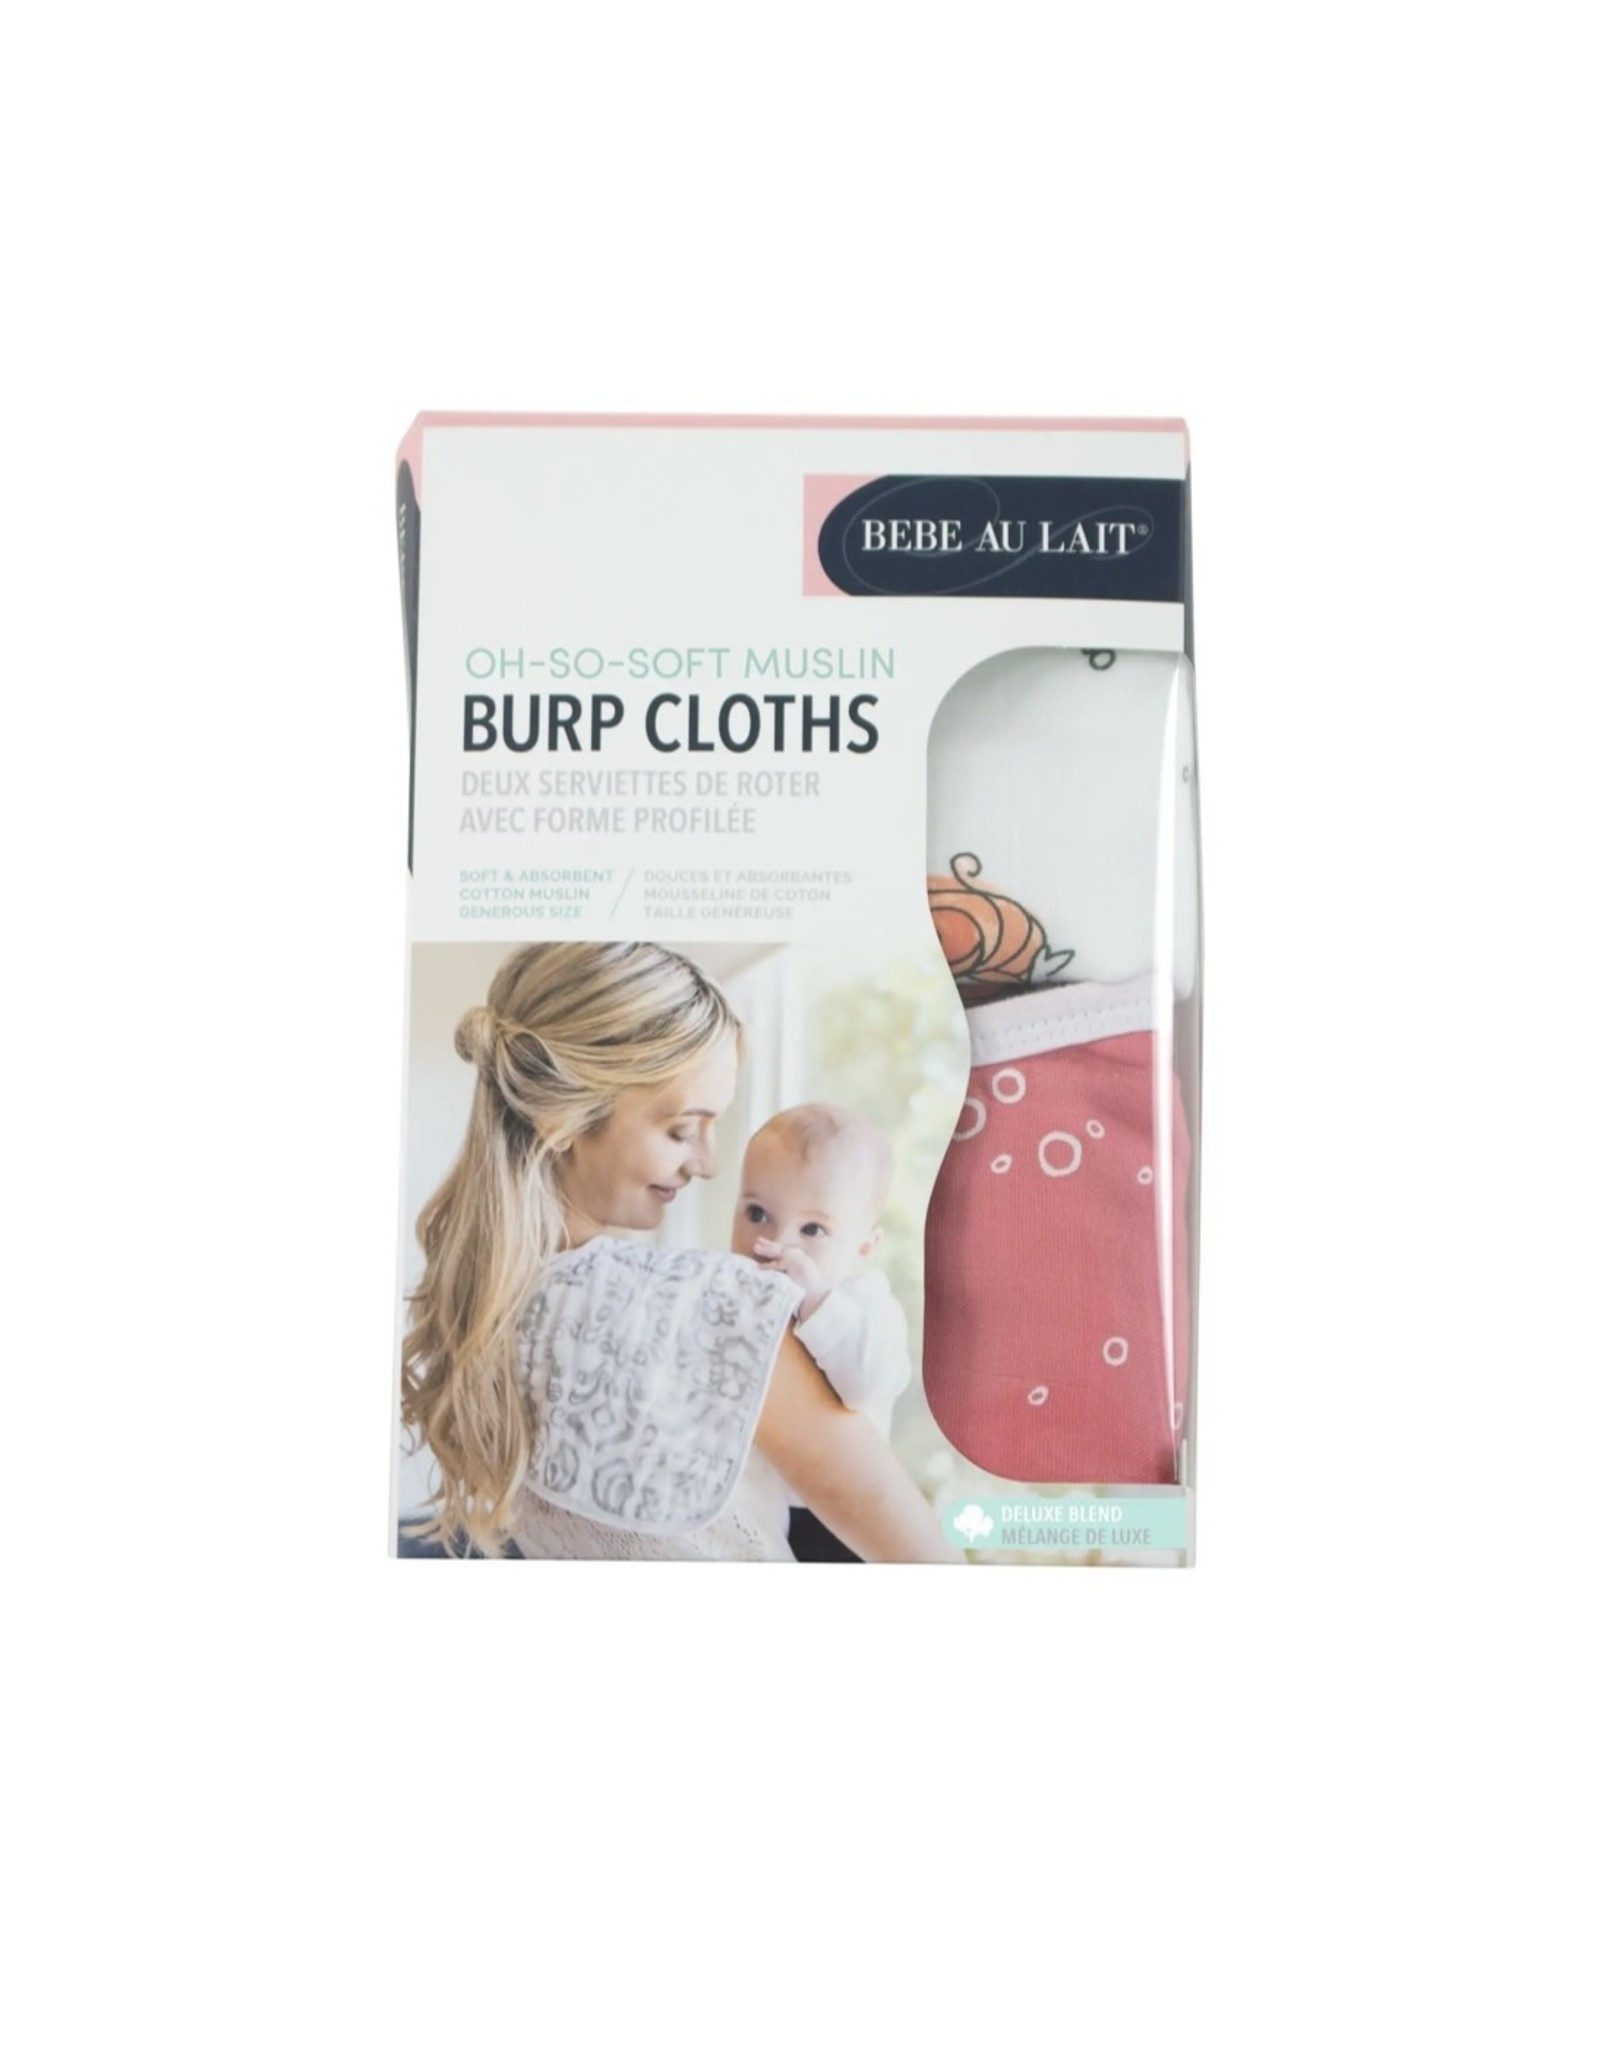 Bebe Au Lait Bebe Au Lait- Mermaid & Bubbles Oh-So-Soft Muslin Burp Cloths